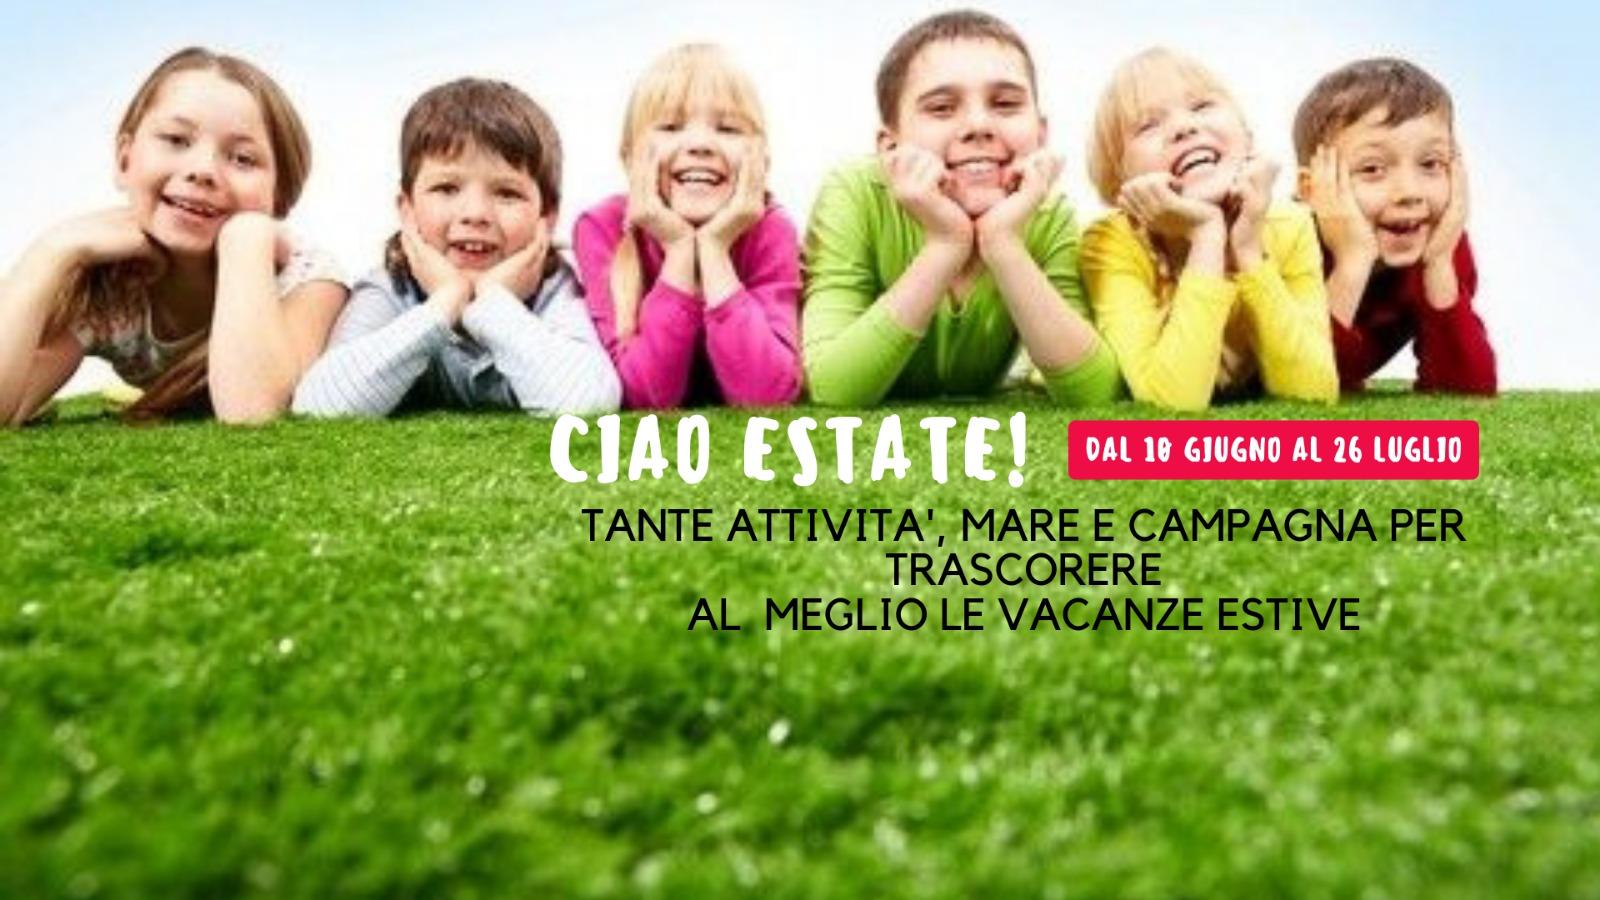 Ciao Estate 2019